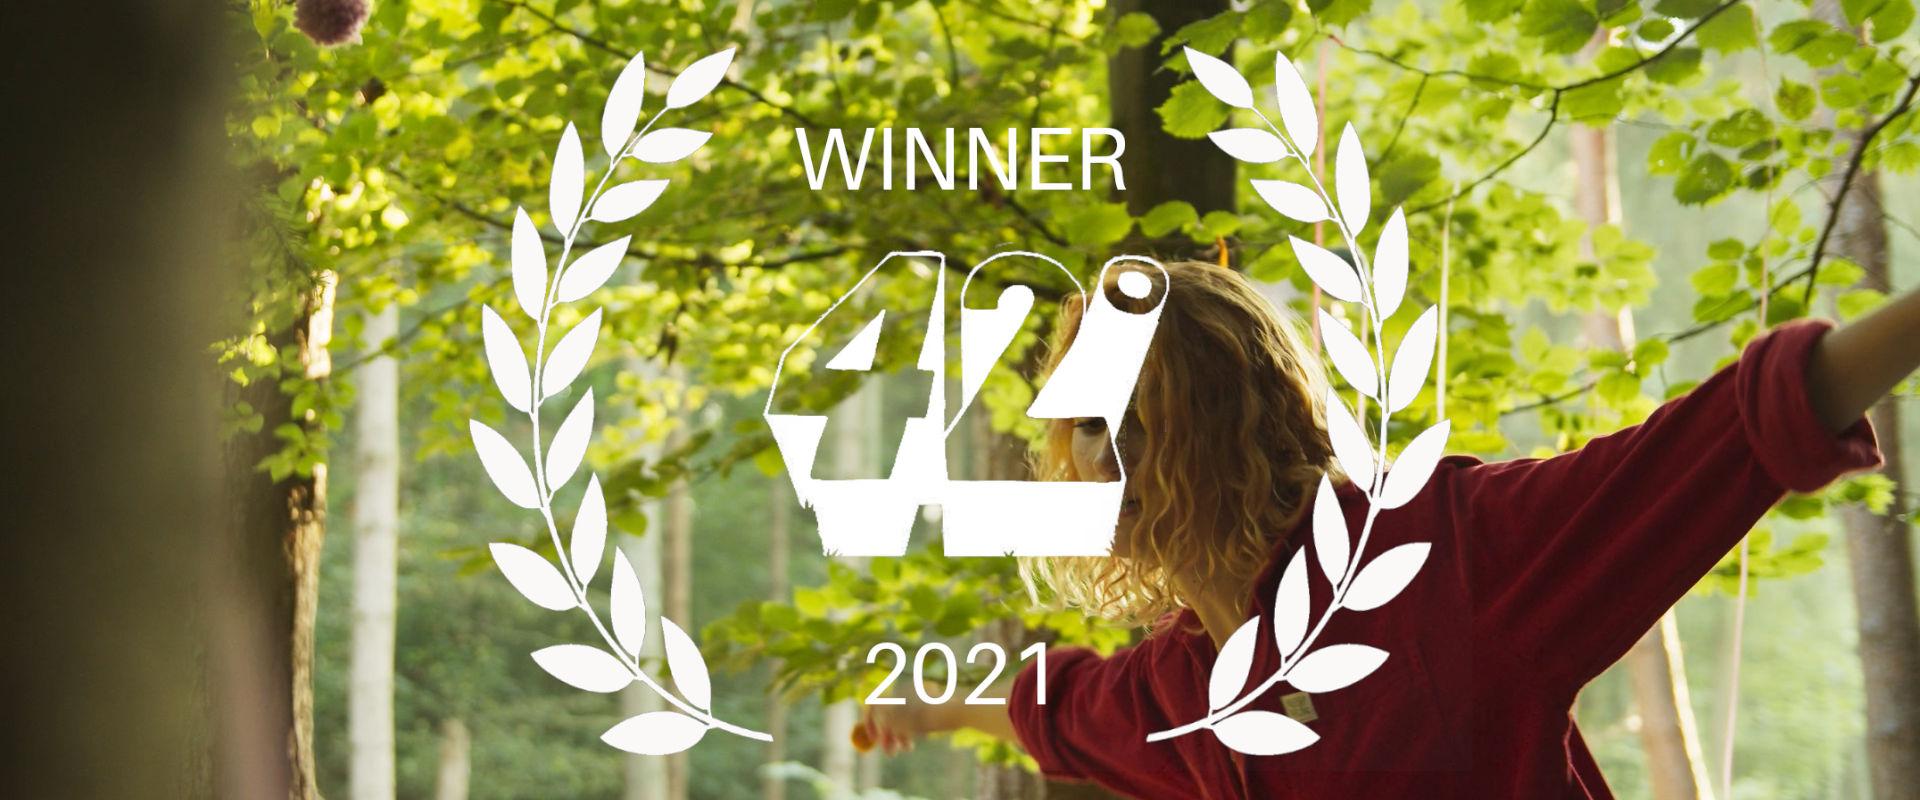 Robyn short dance film 42 degrees festival 2021 winner